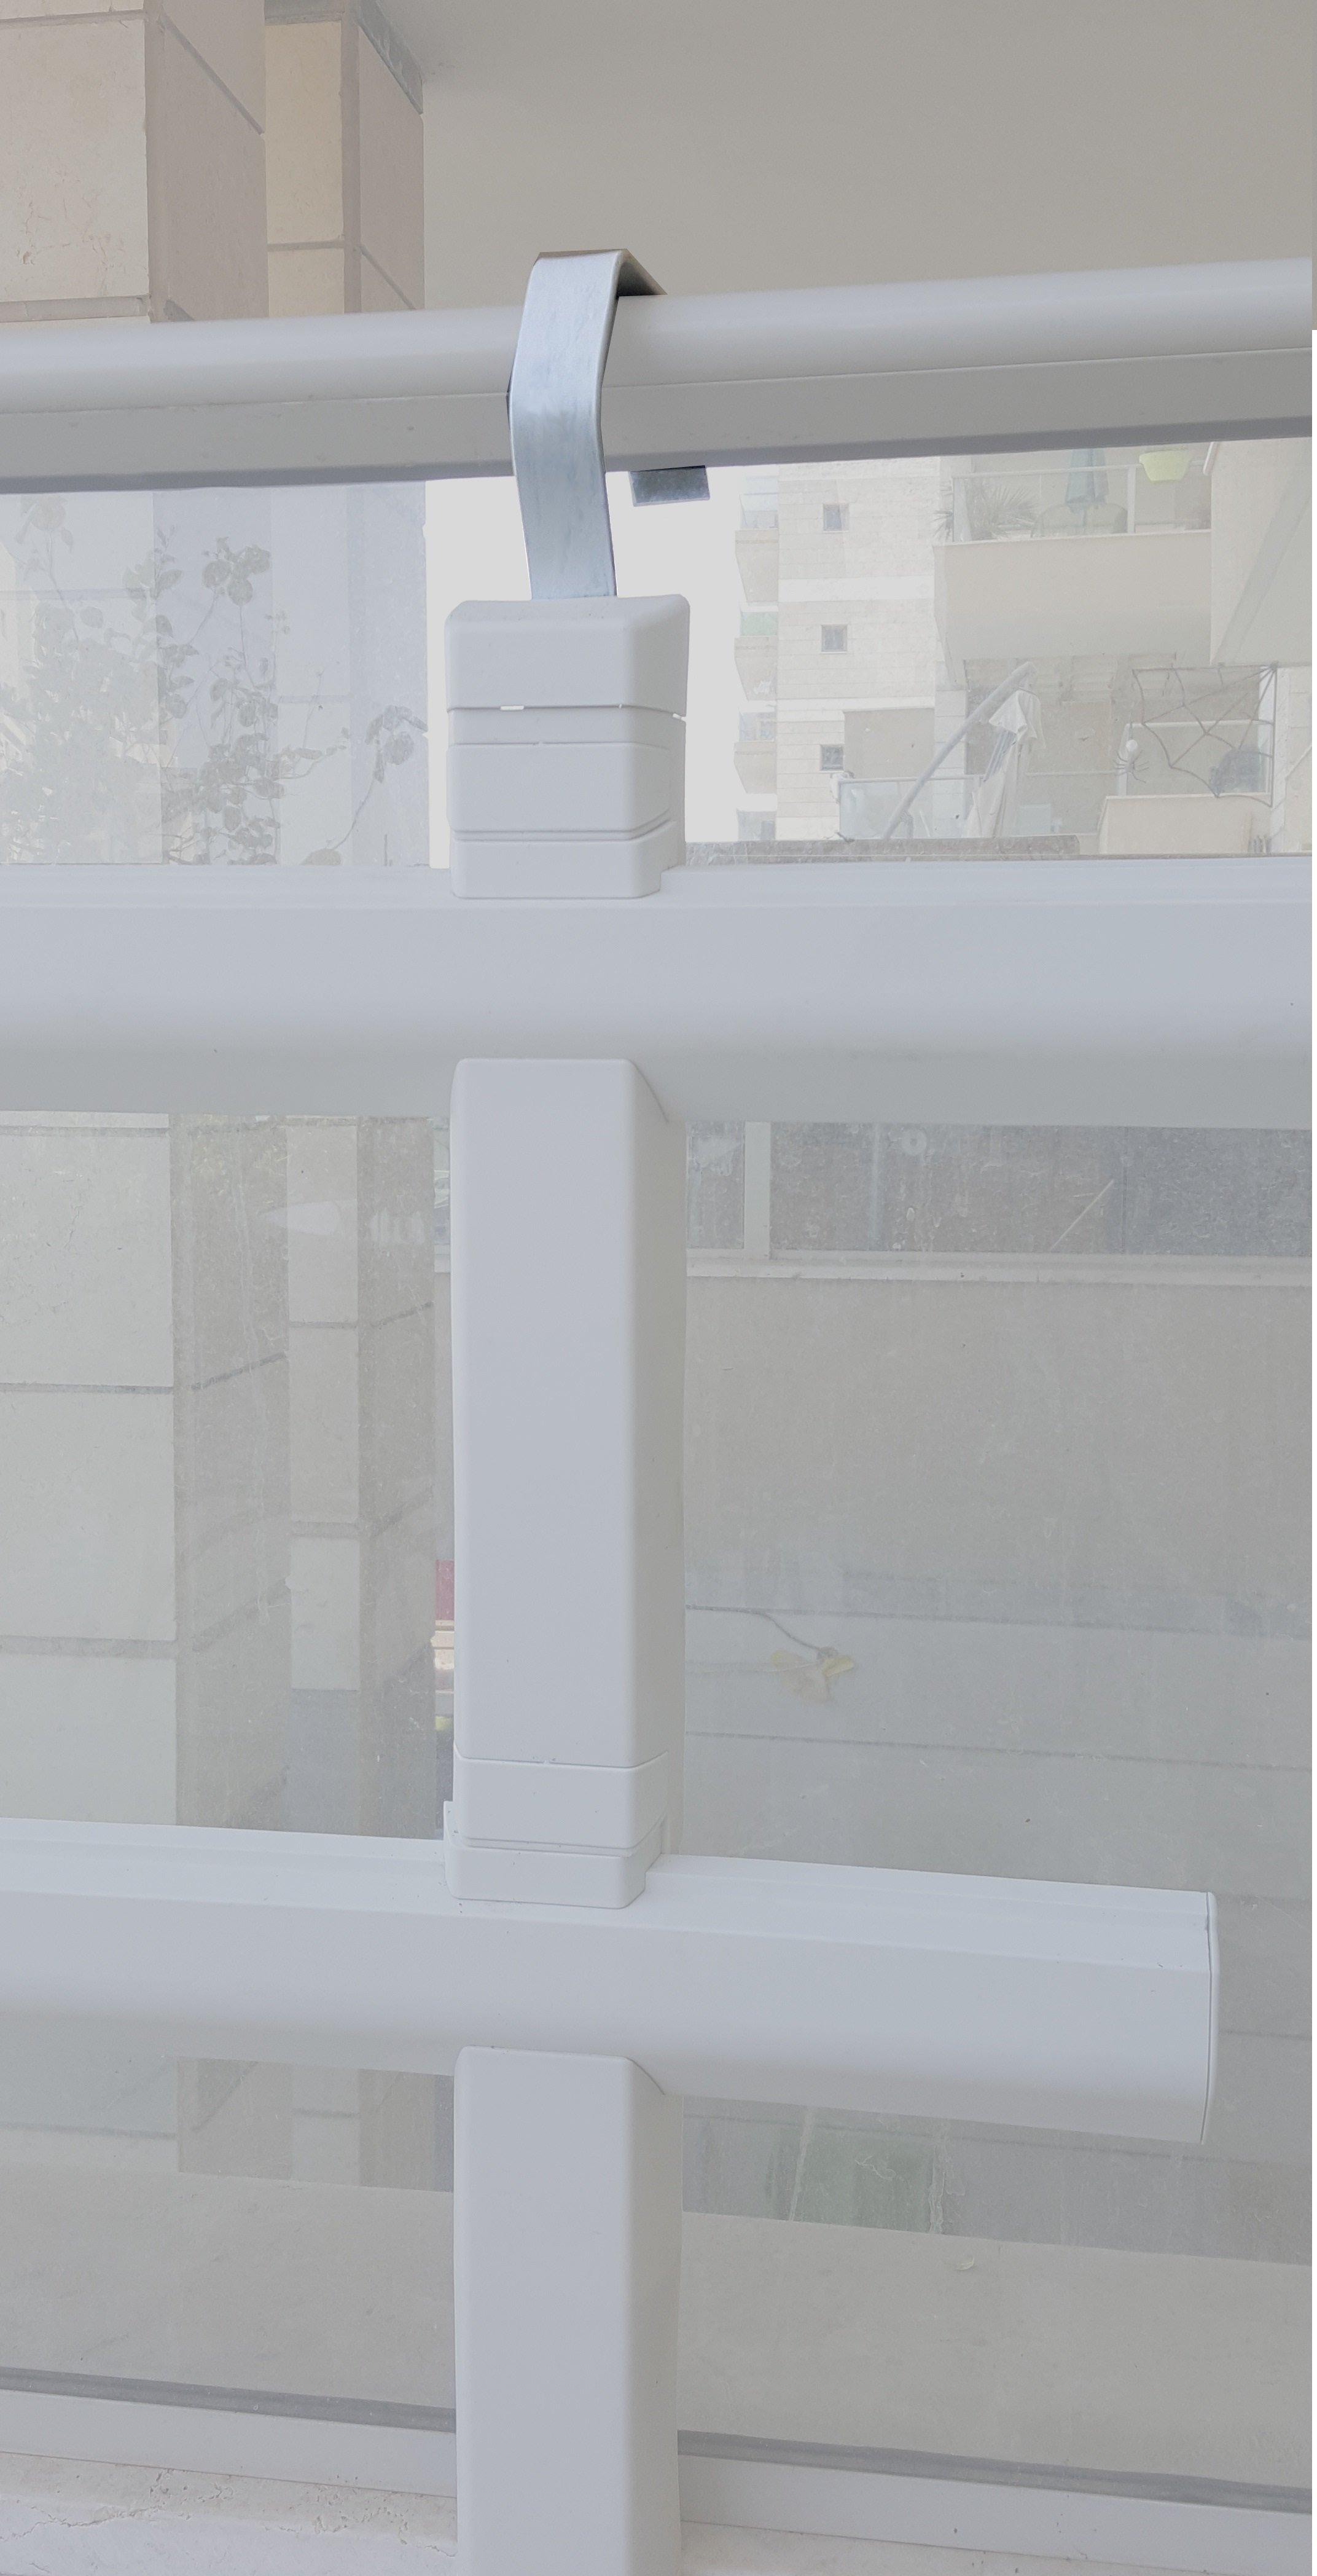 מתלה למעקה - Guardrail Hanger